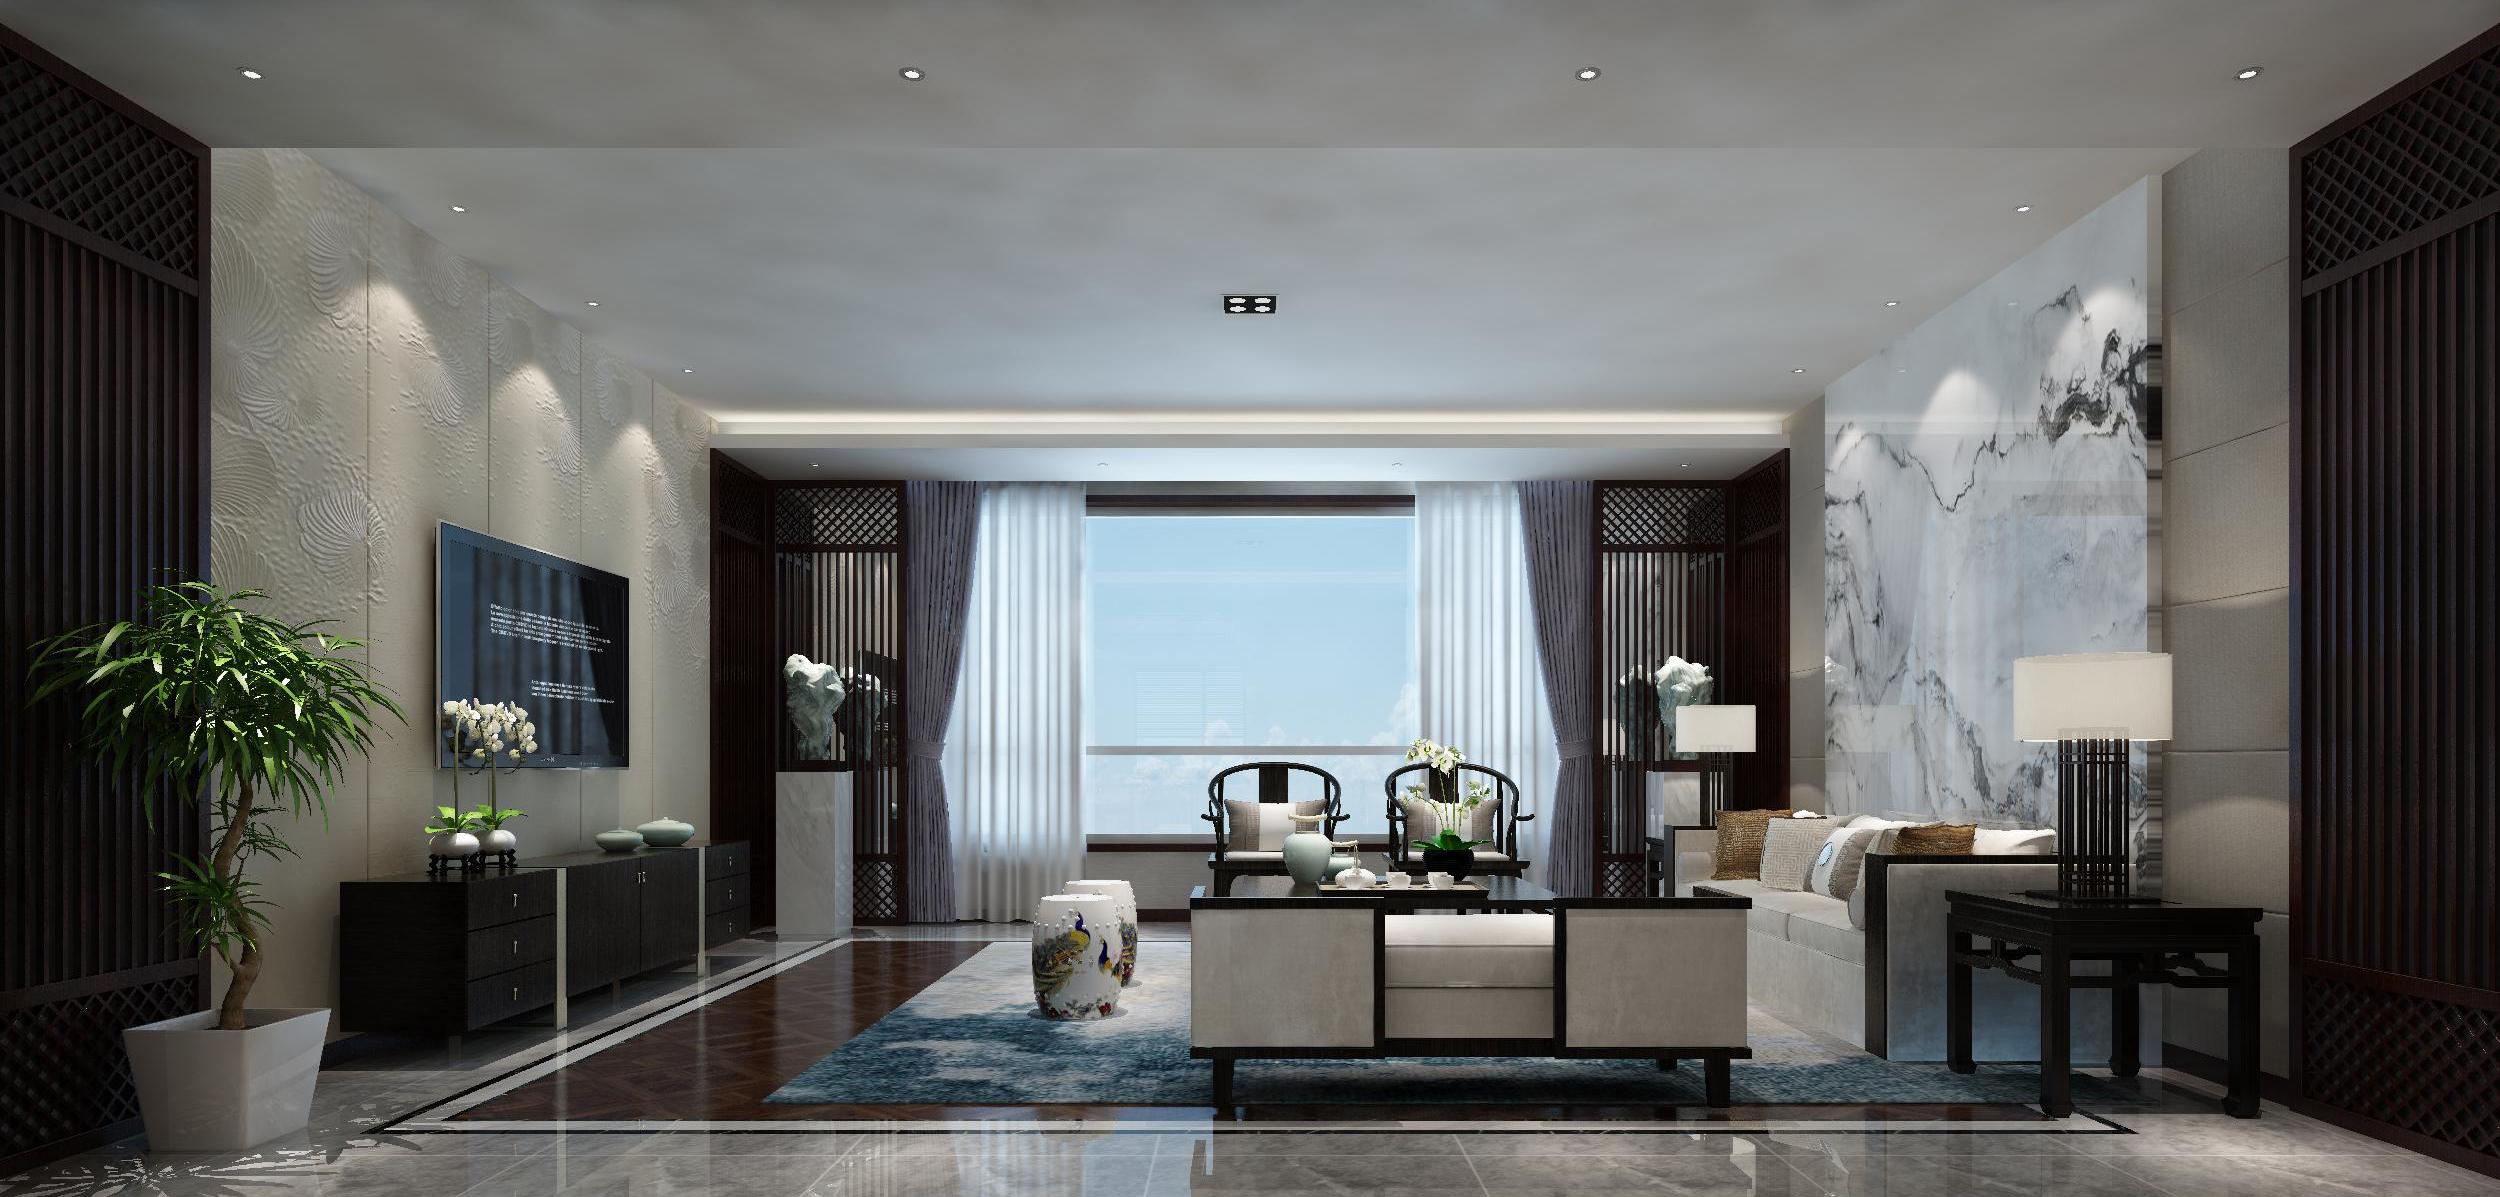 客厅图片来自业之峰装饰旗舰店在古韵山水的分享